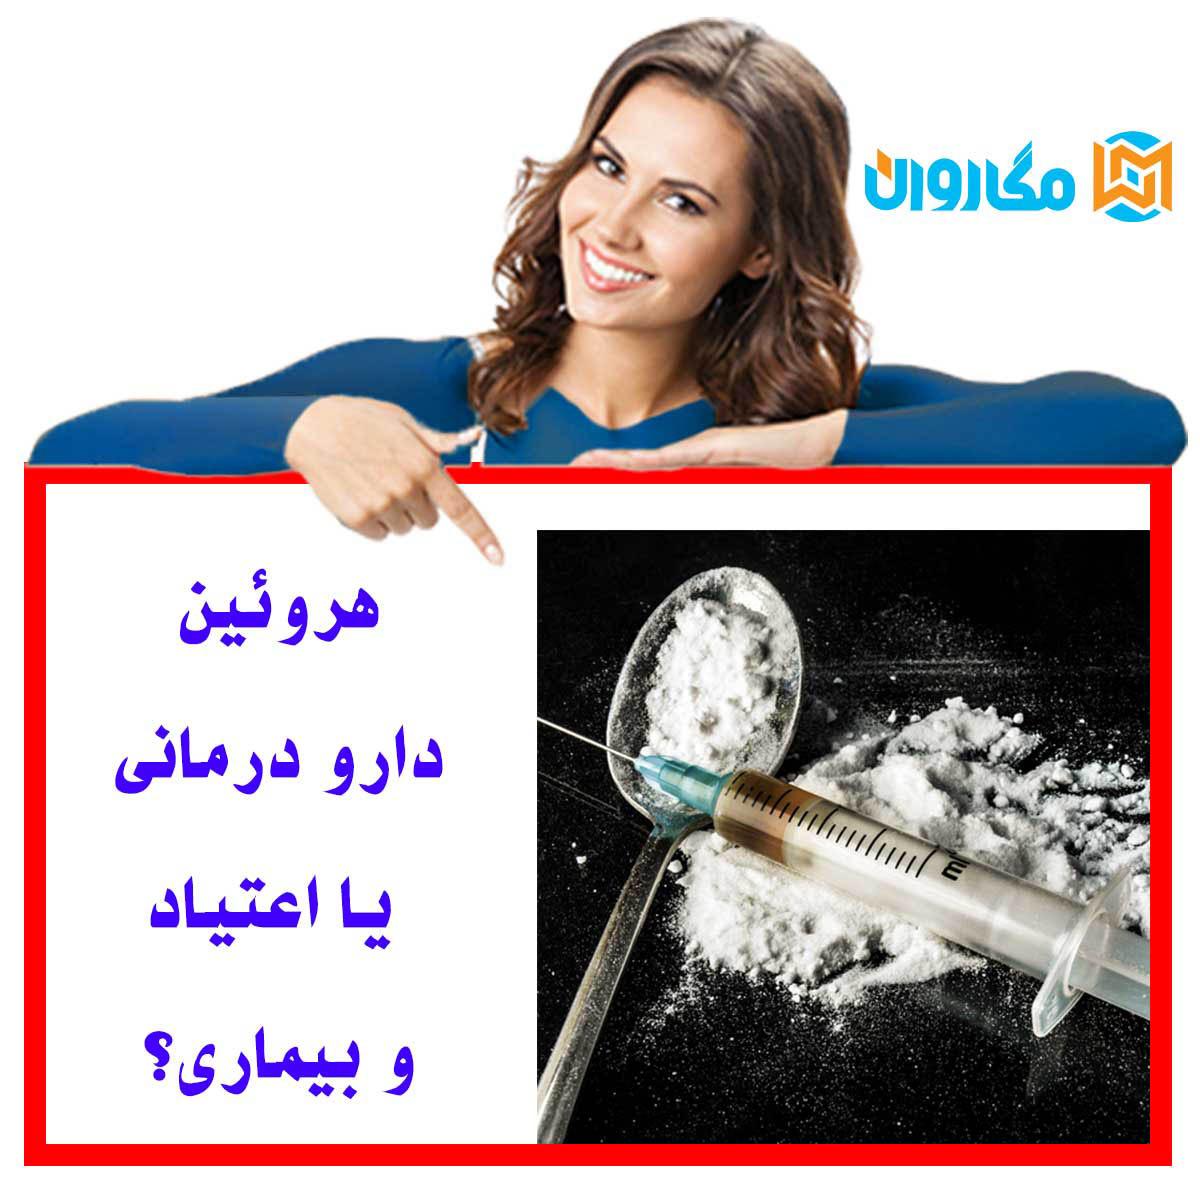 هروئین - دارو درمانی یا اعتیاد و بیماری؟